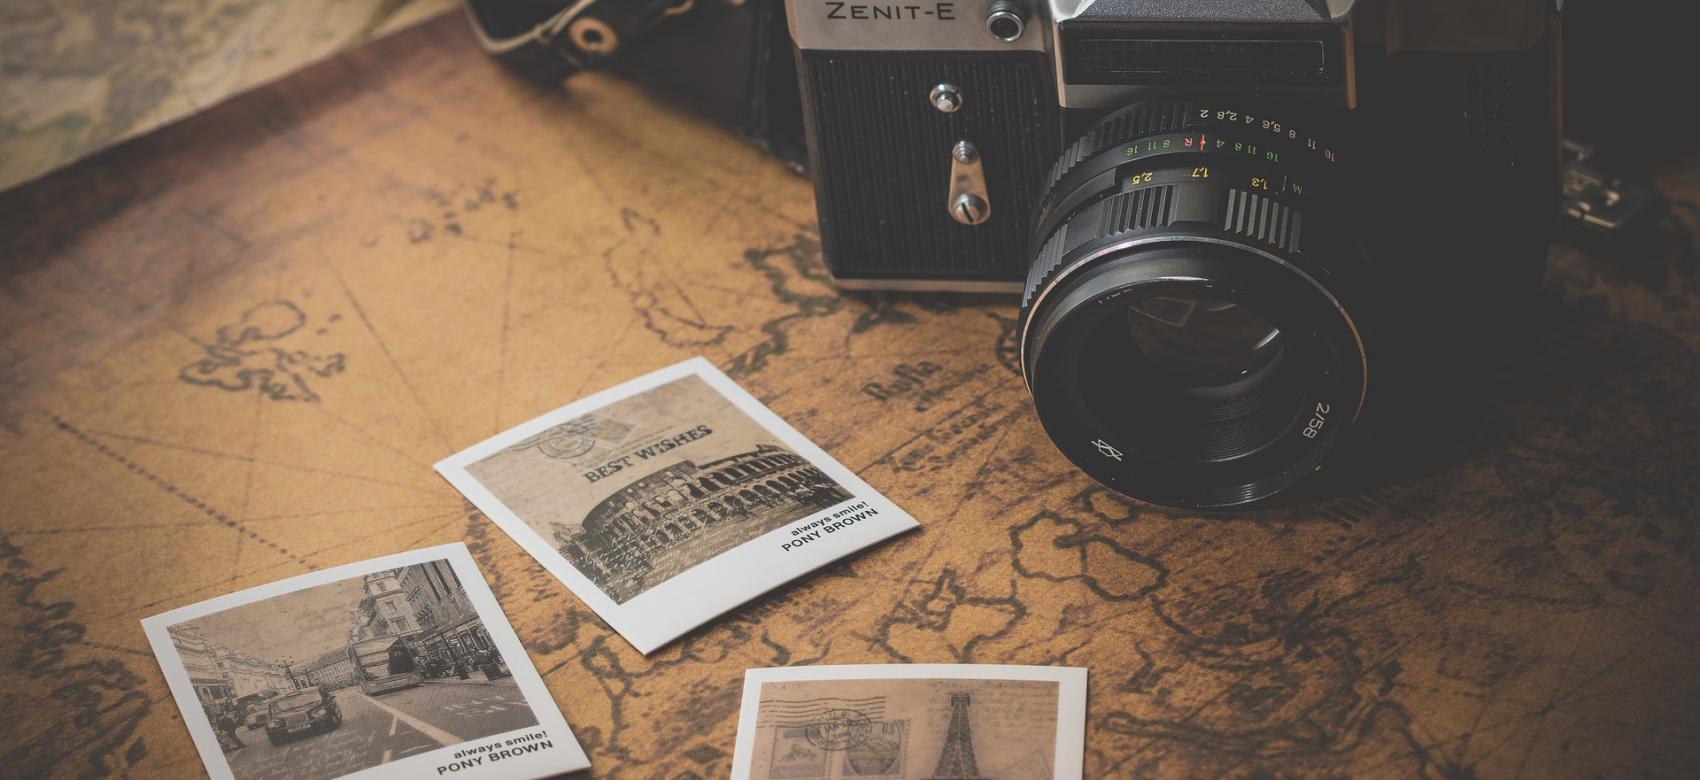 Se observa una imagen en tres planos. el primer plano es un mapa, el segundo plano son tres fotos polaroid de París, Roma y Londres. y el último plano es una cámara antigua fotográfica con su funda marron